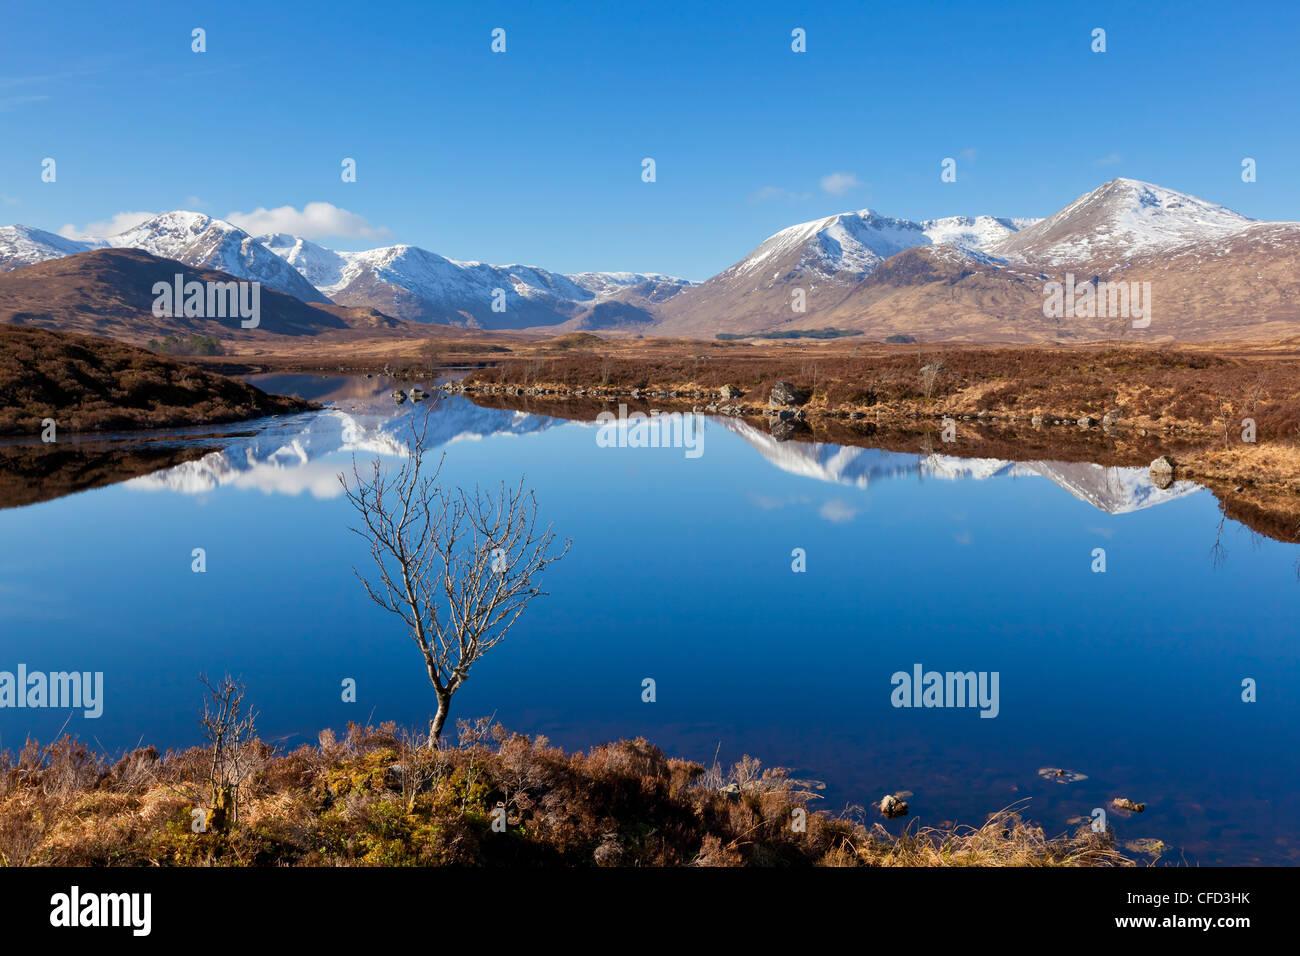 Stob a'choire Odhair, Aonach Mor, Beinn Mhic Chasgaig, and Meall a'Bhuirudh, Rannoch Moor, Argyll and Bute, - Stock Image